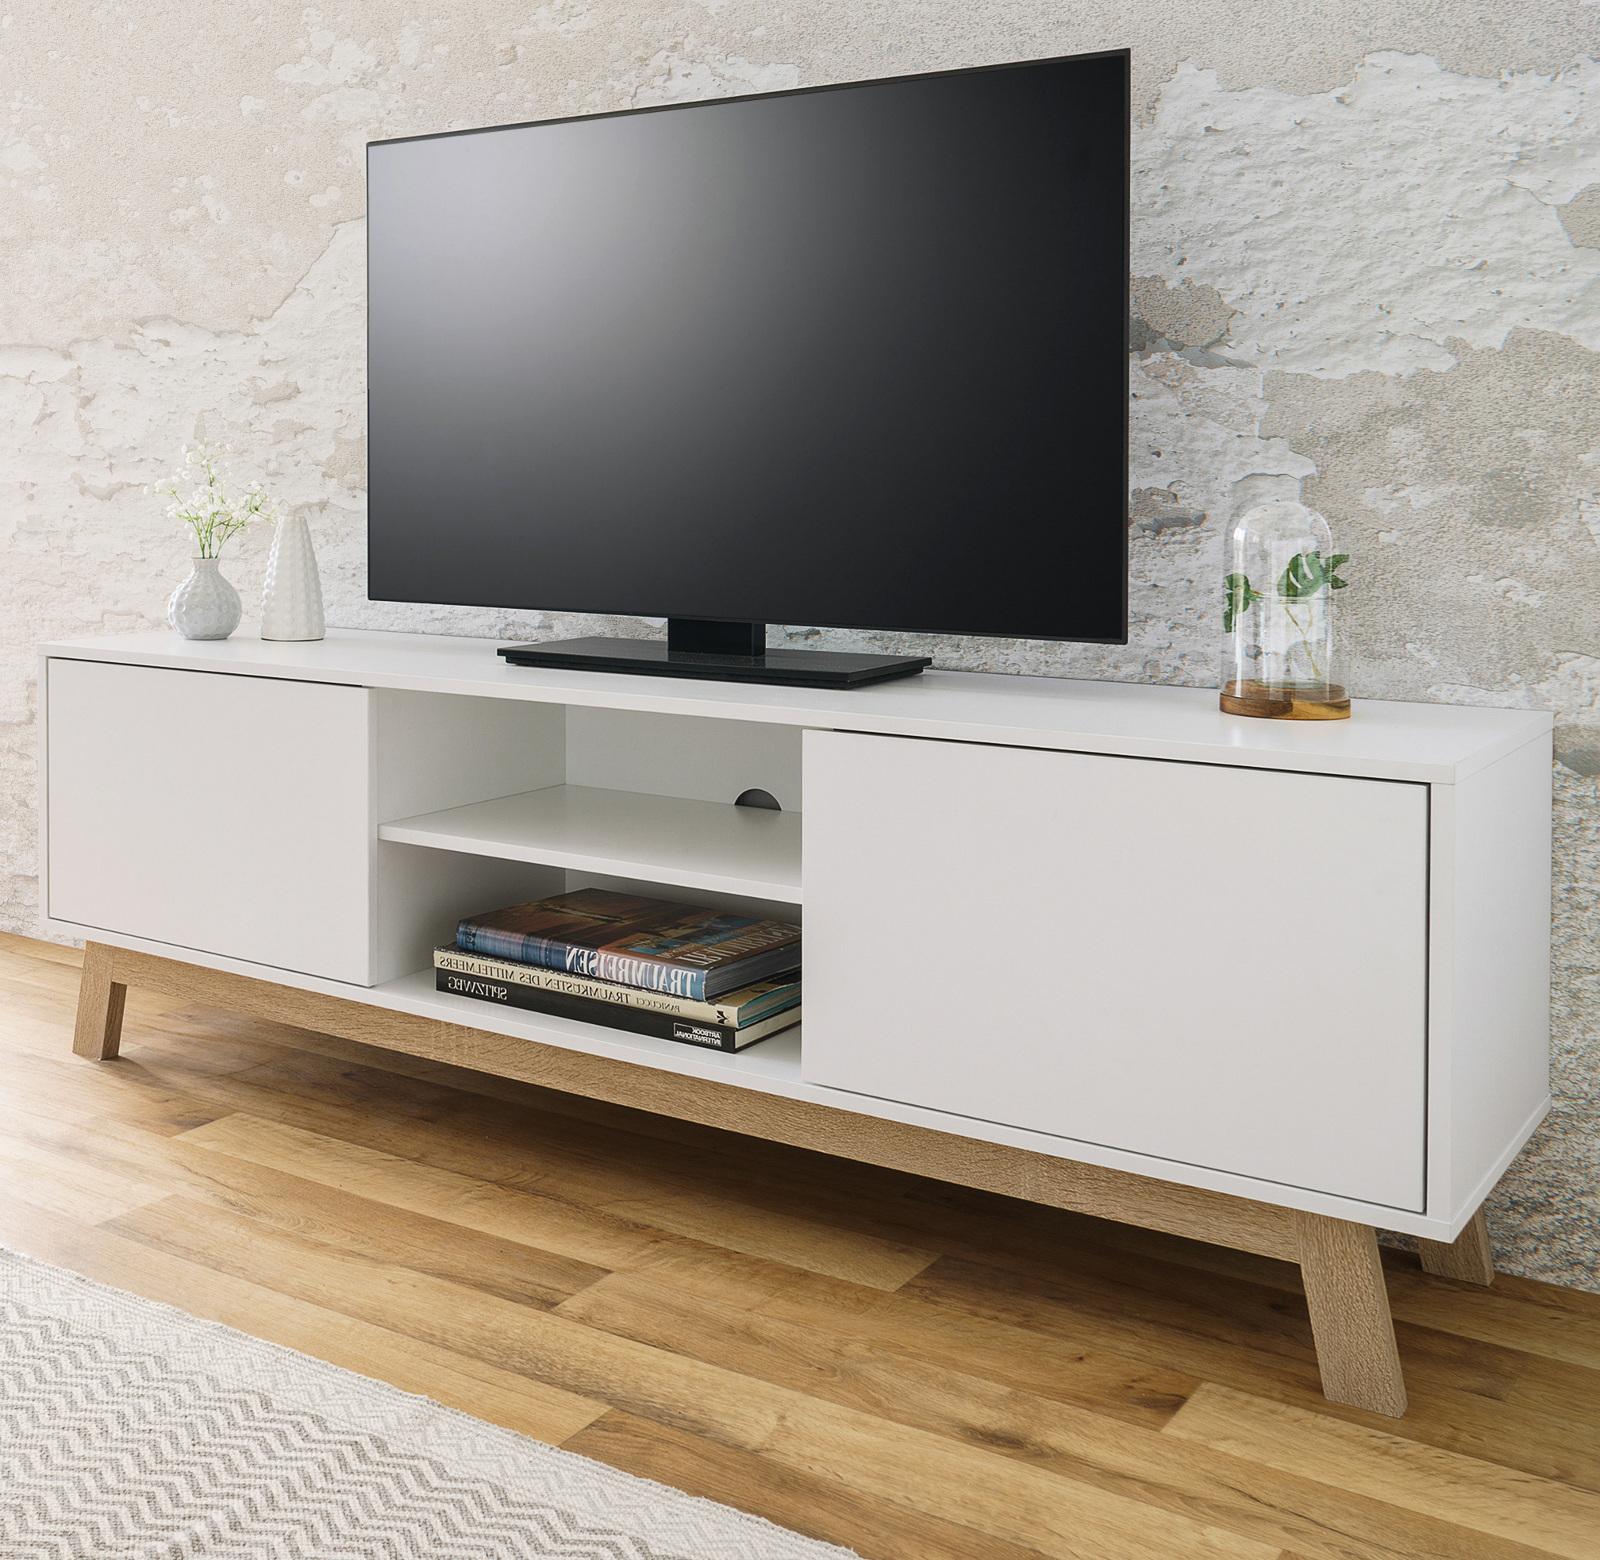 TV-Unterteil Lowboard TV Fernsehtisch Arena Hochglanz weiß Sonoma Eiche 150 cm